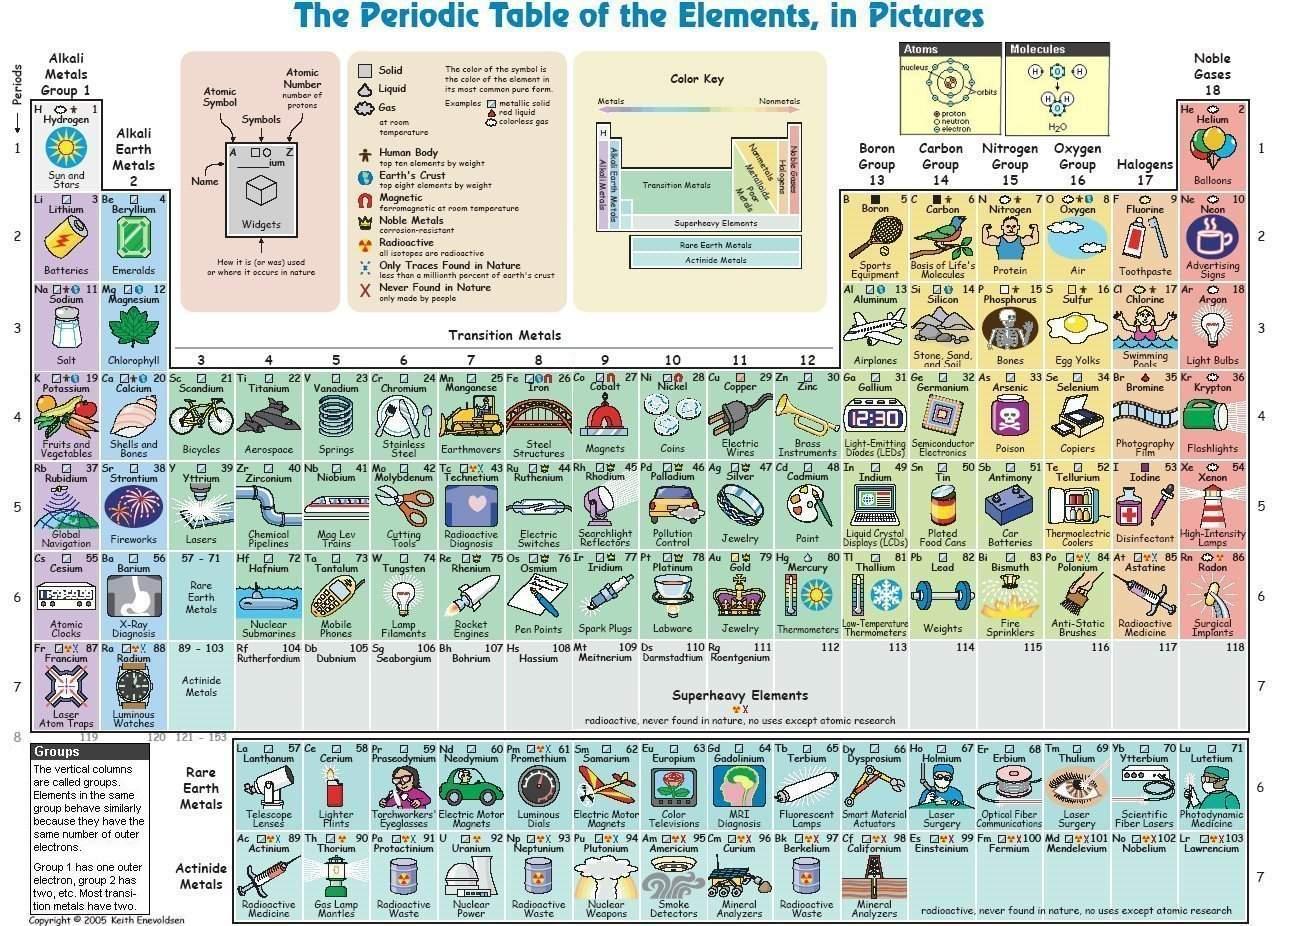 Biologia sb tabla peridica ejemplo de elementos tabla peridica ejemplo de elementos urtaz Gallery